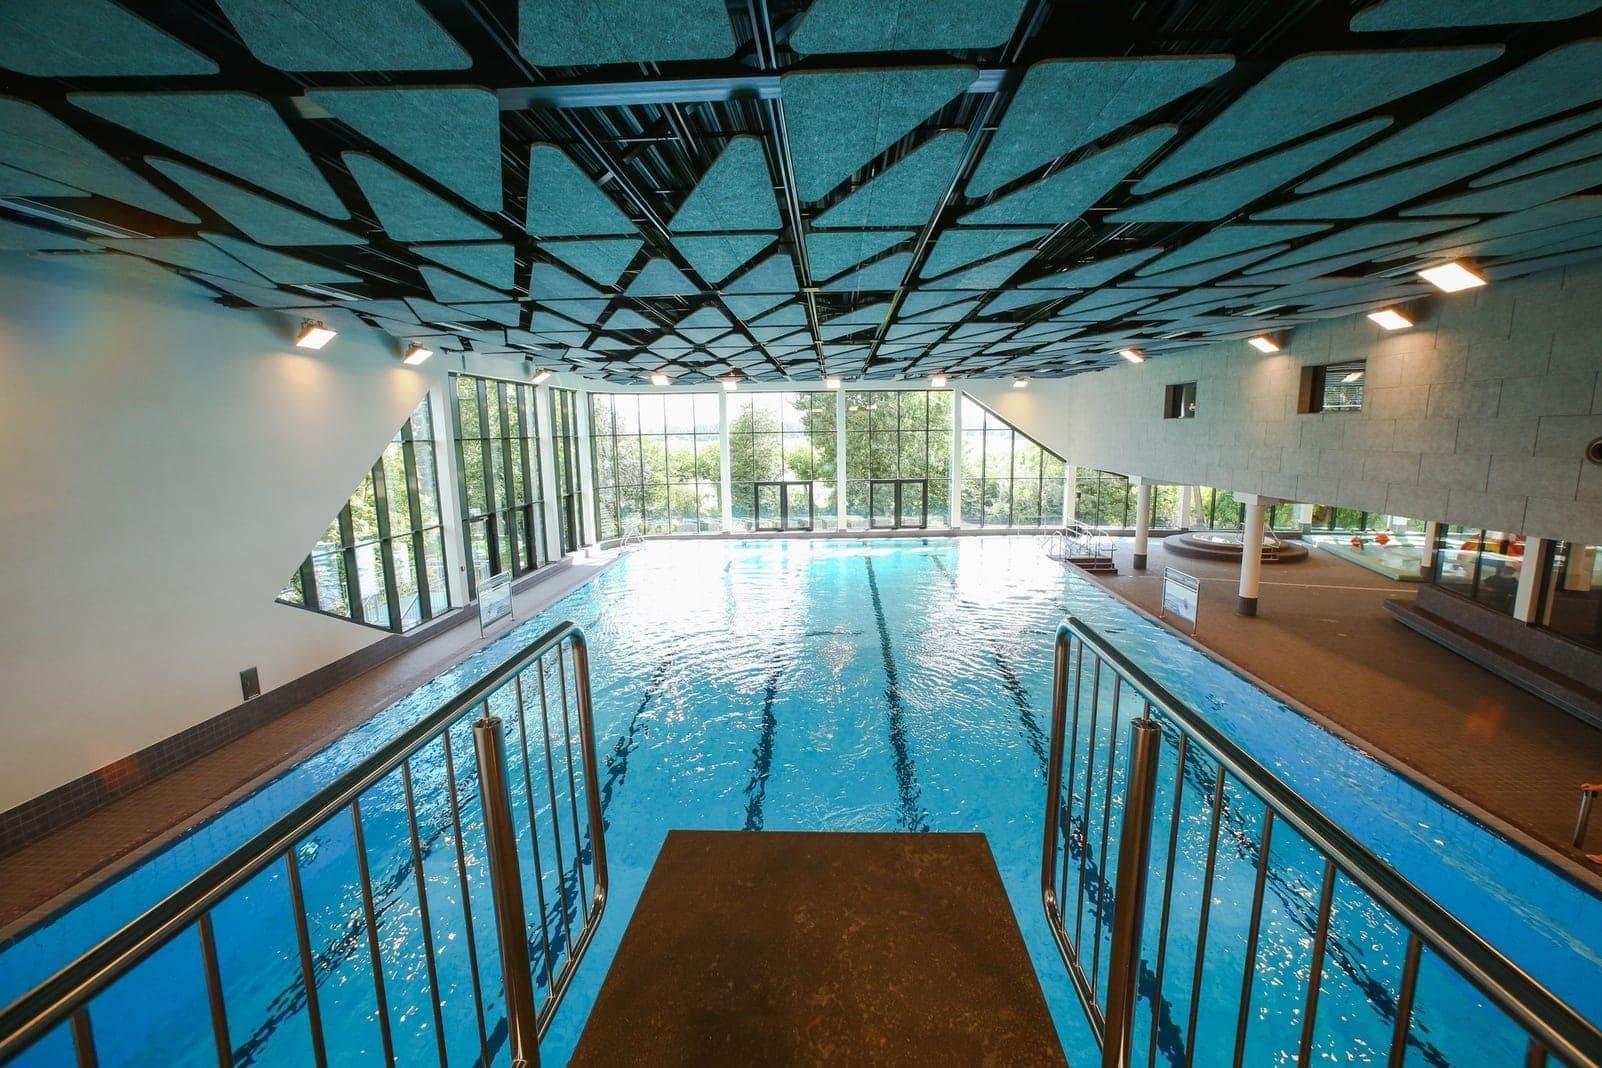 Rheinblick 741 Schwimmbad Hallenbad Düsseldorf